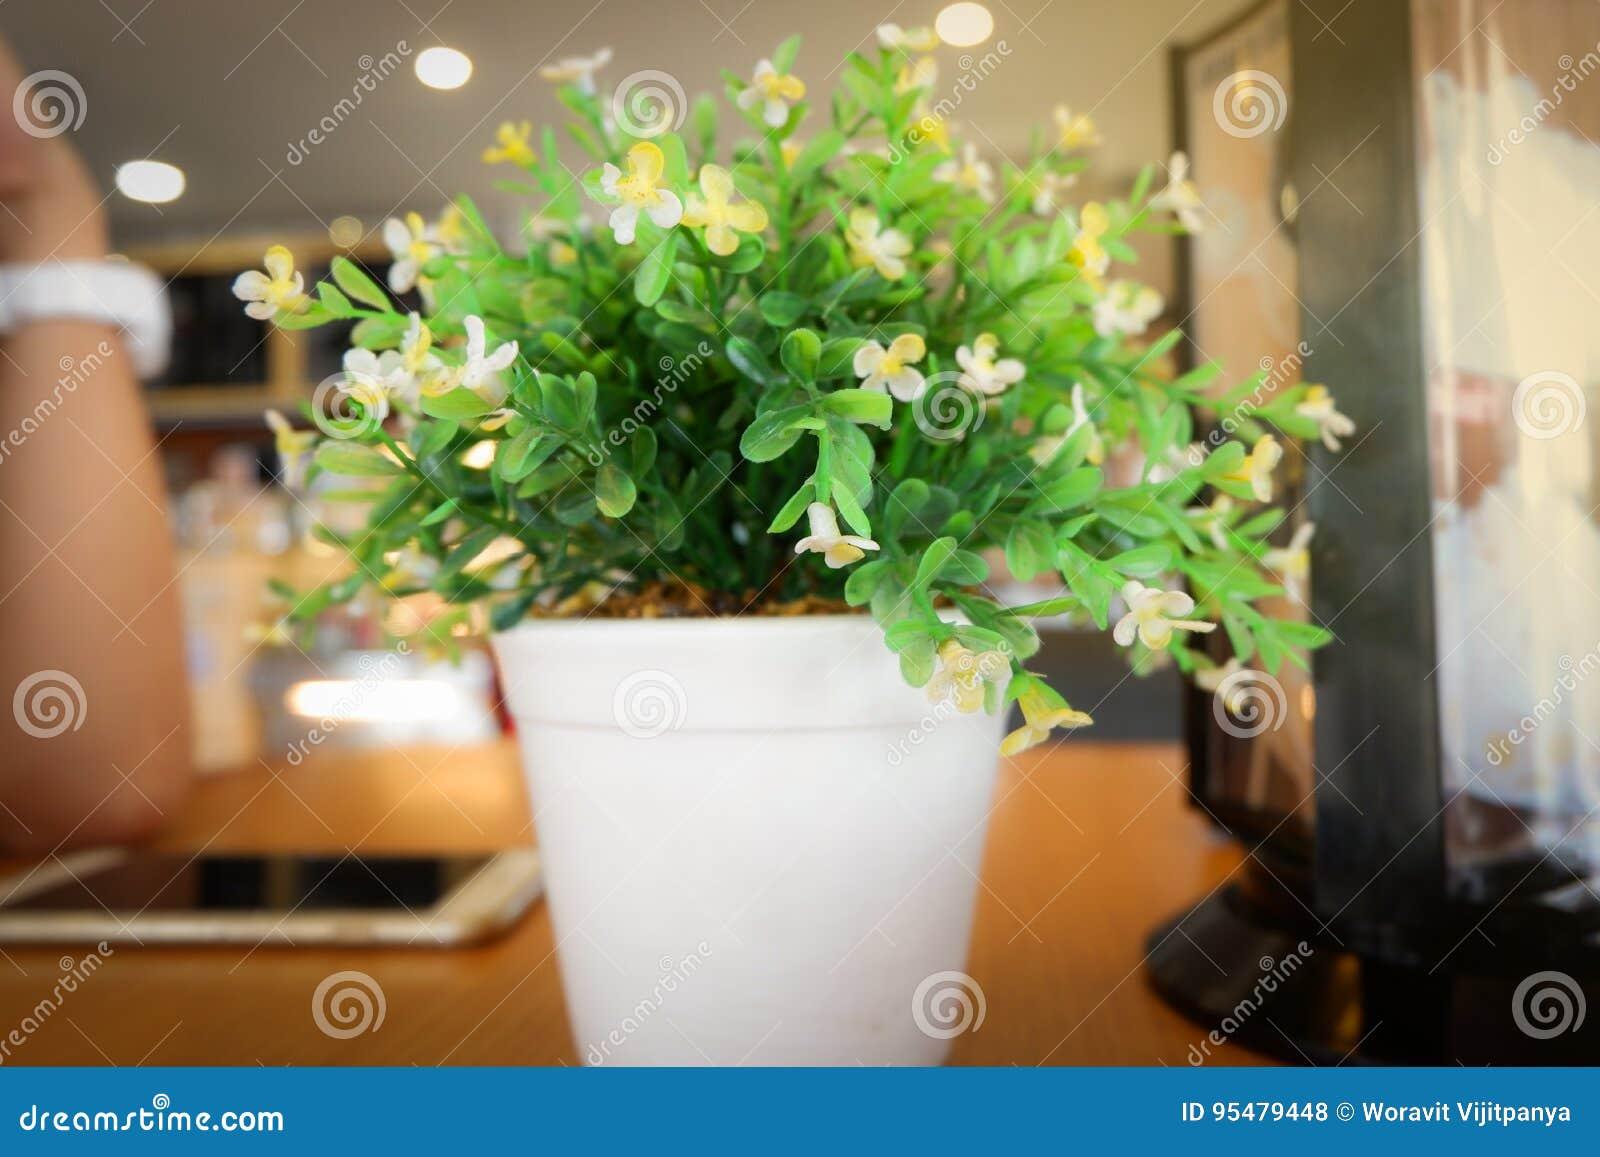 Biuro stół z kwiatu garnkiem